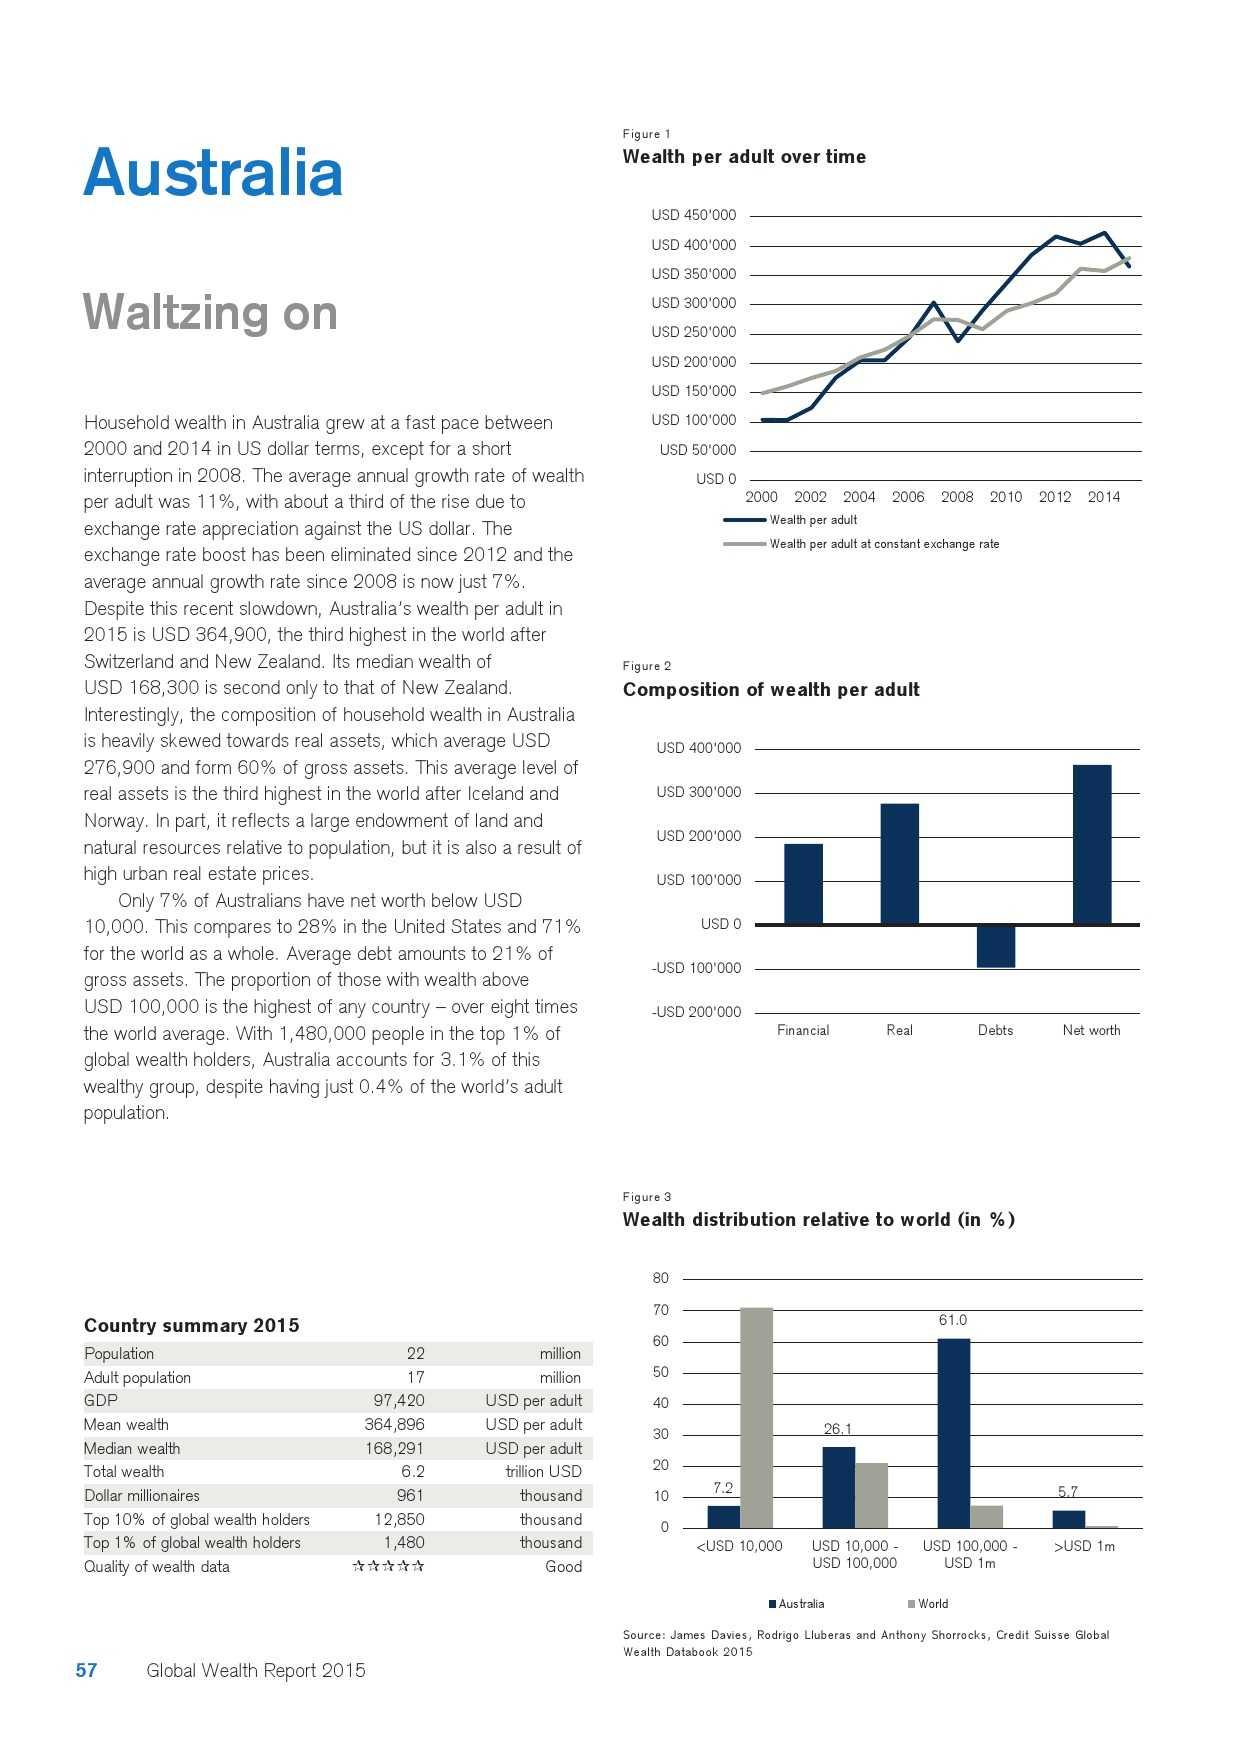 瑞士信贷:2015年全球财富报告_000057